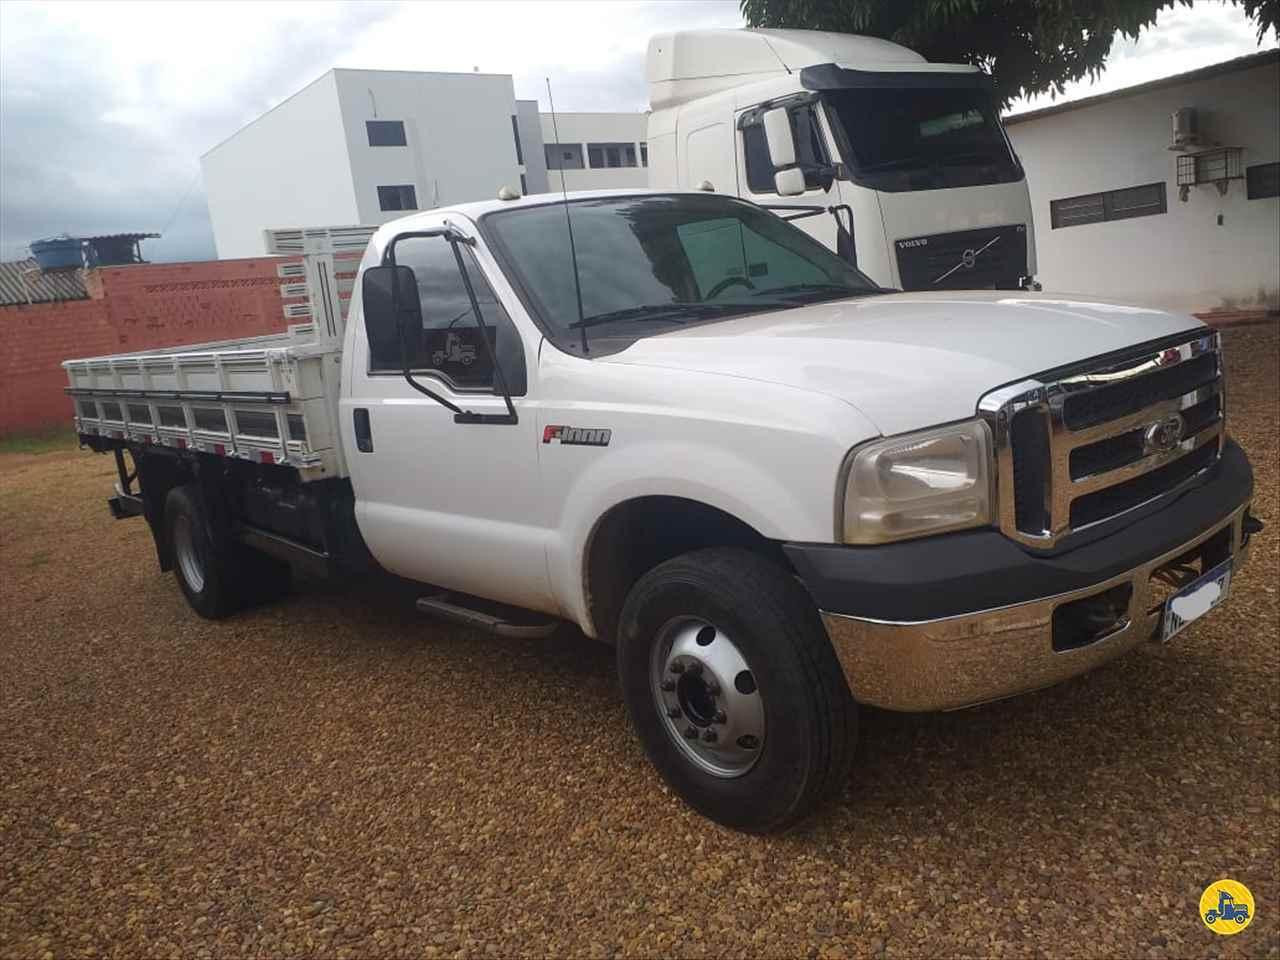 CAMINHAO FORD F4000 Carga Seca 3/4 4x2 Lider Caminhões e Veiculos PRIMAVERA DO LESTE MATO GROSSO MT